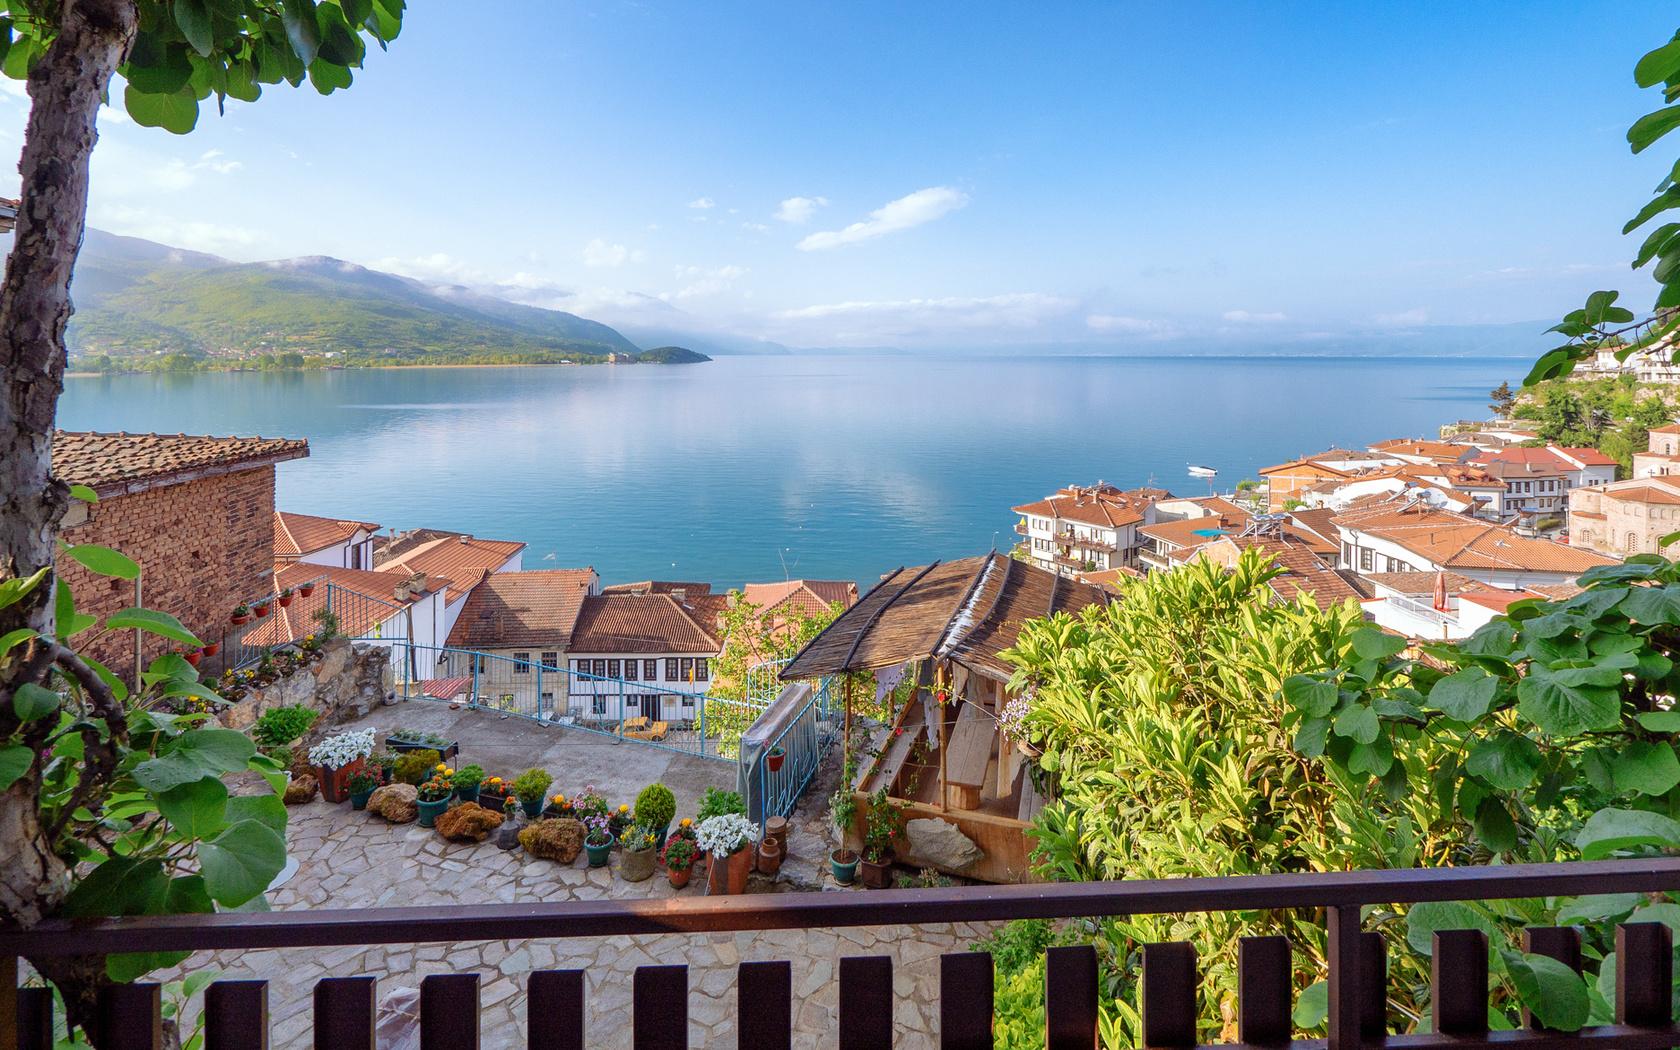 природа, пейзаж, македония, озеро, ohrid, охрид, побережье, дома, холмы, растительность